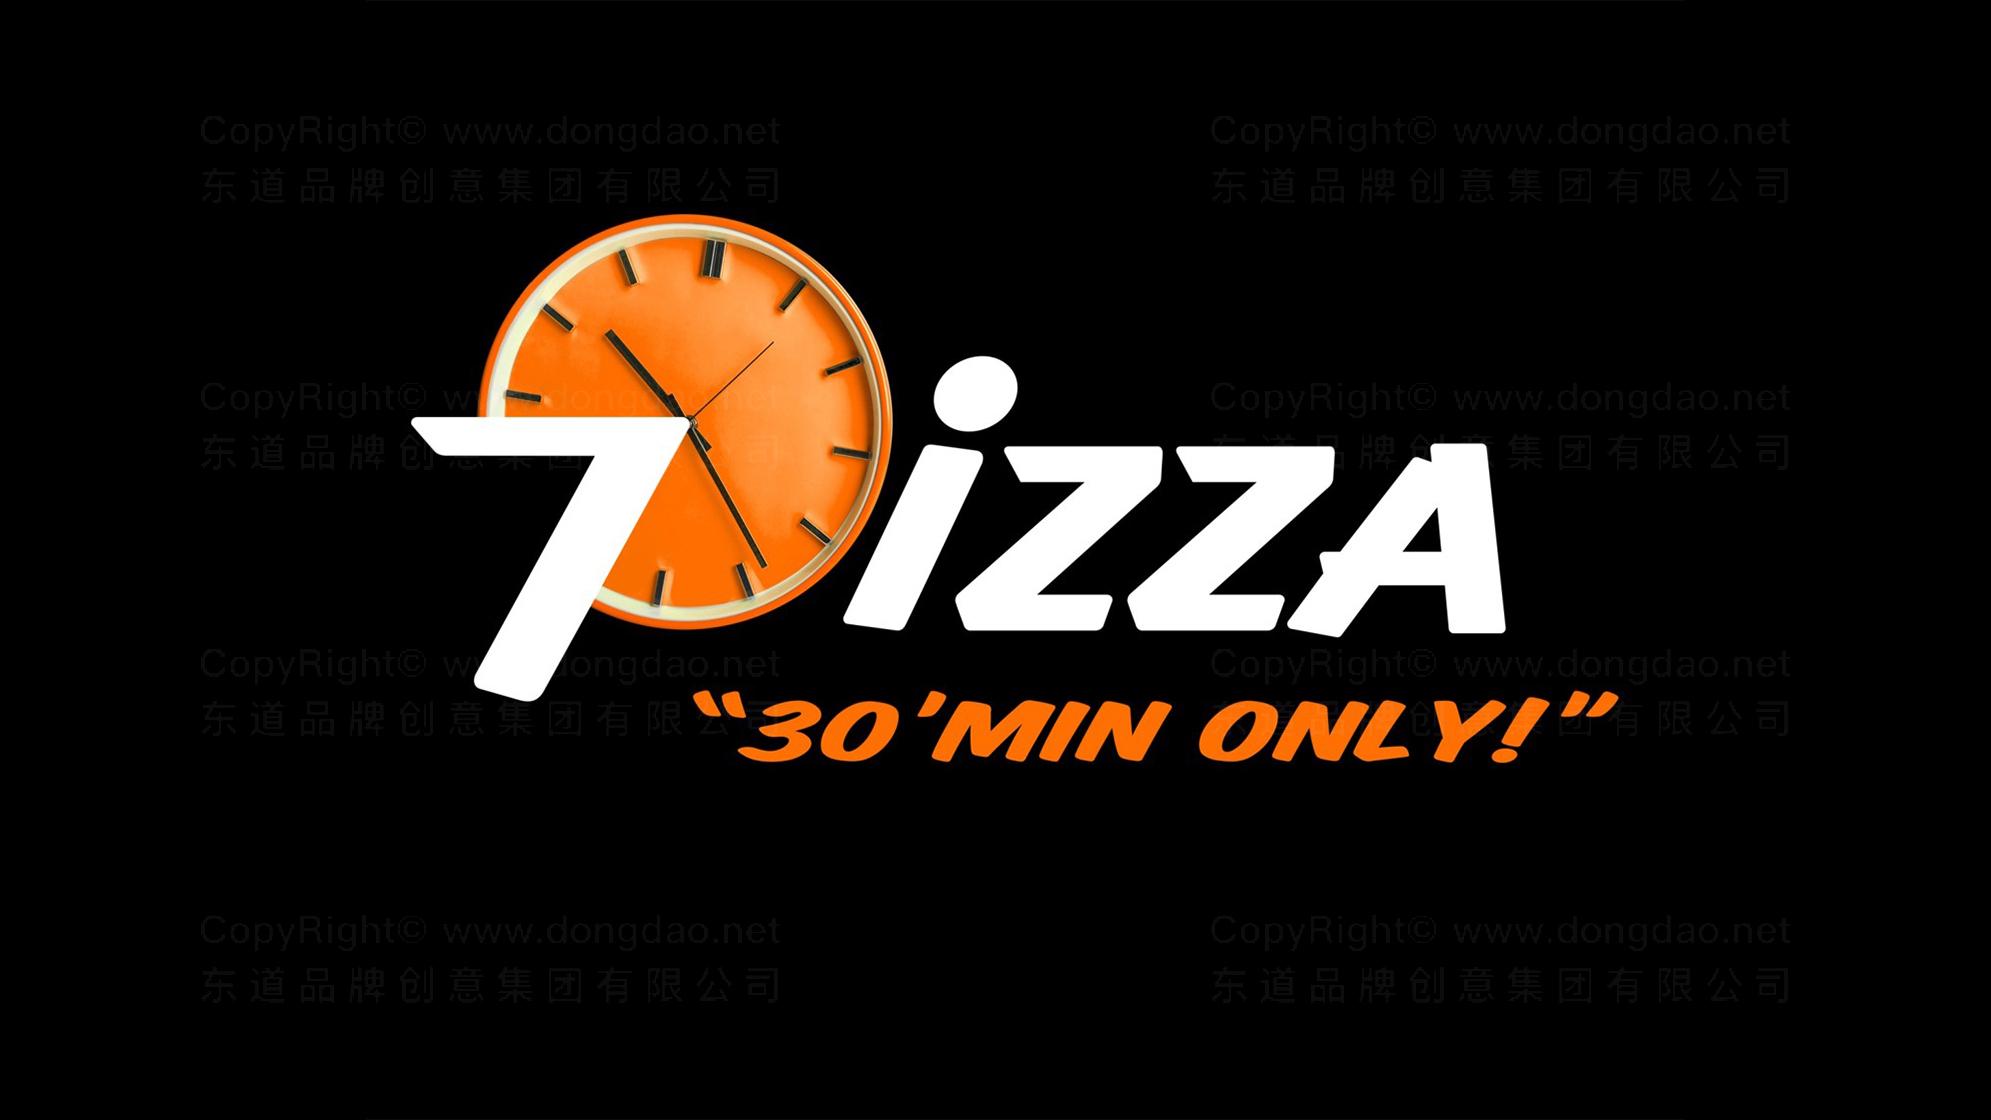 品牌设计案例美闻披萨LOGO&VI设计